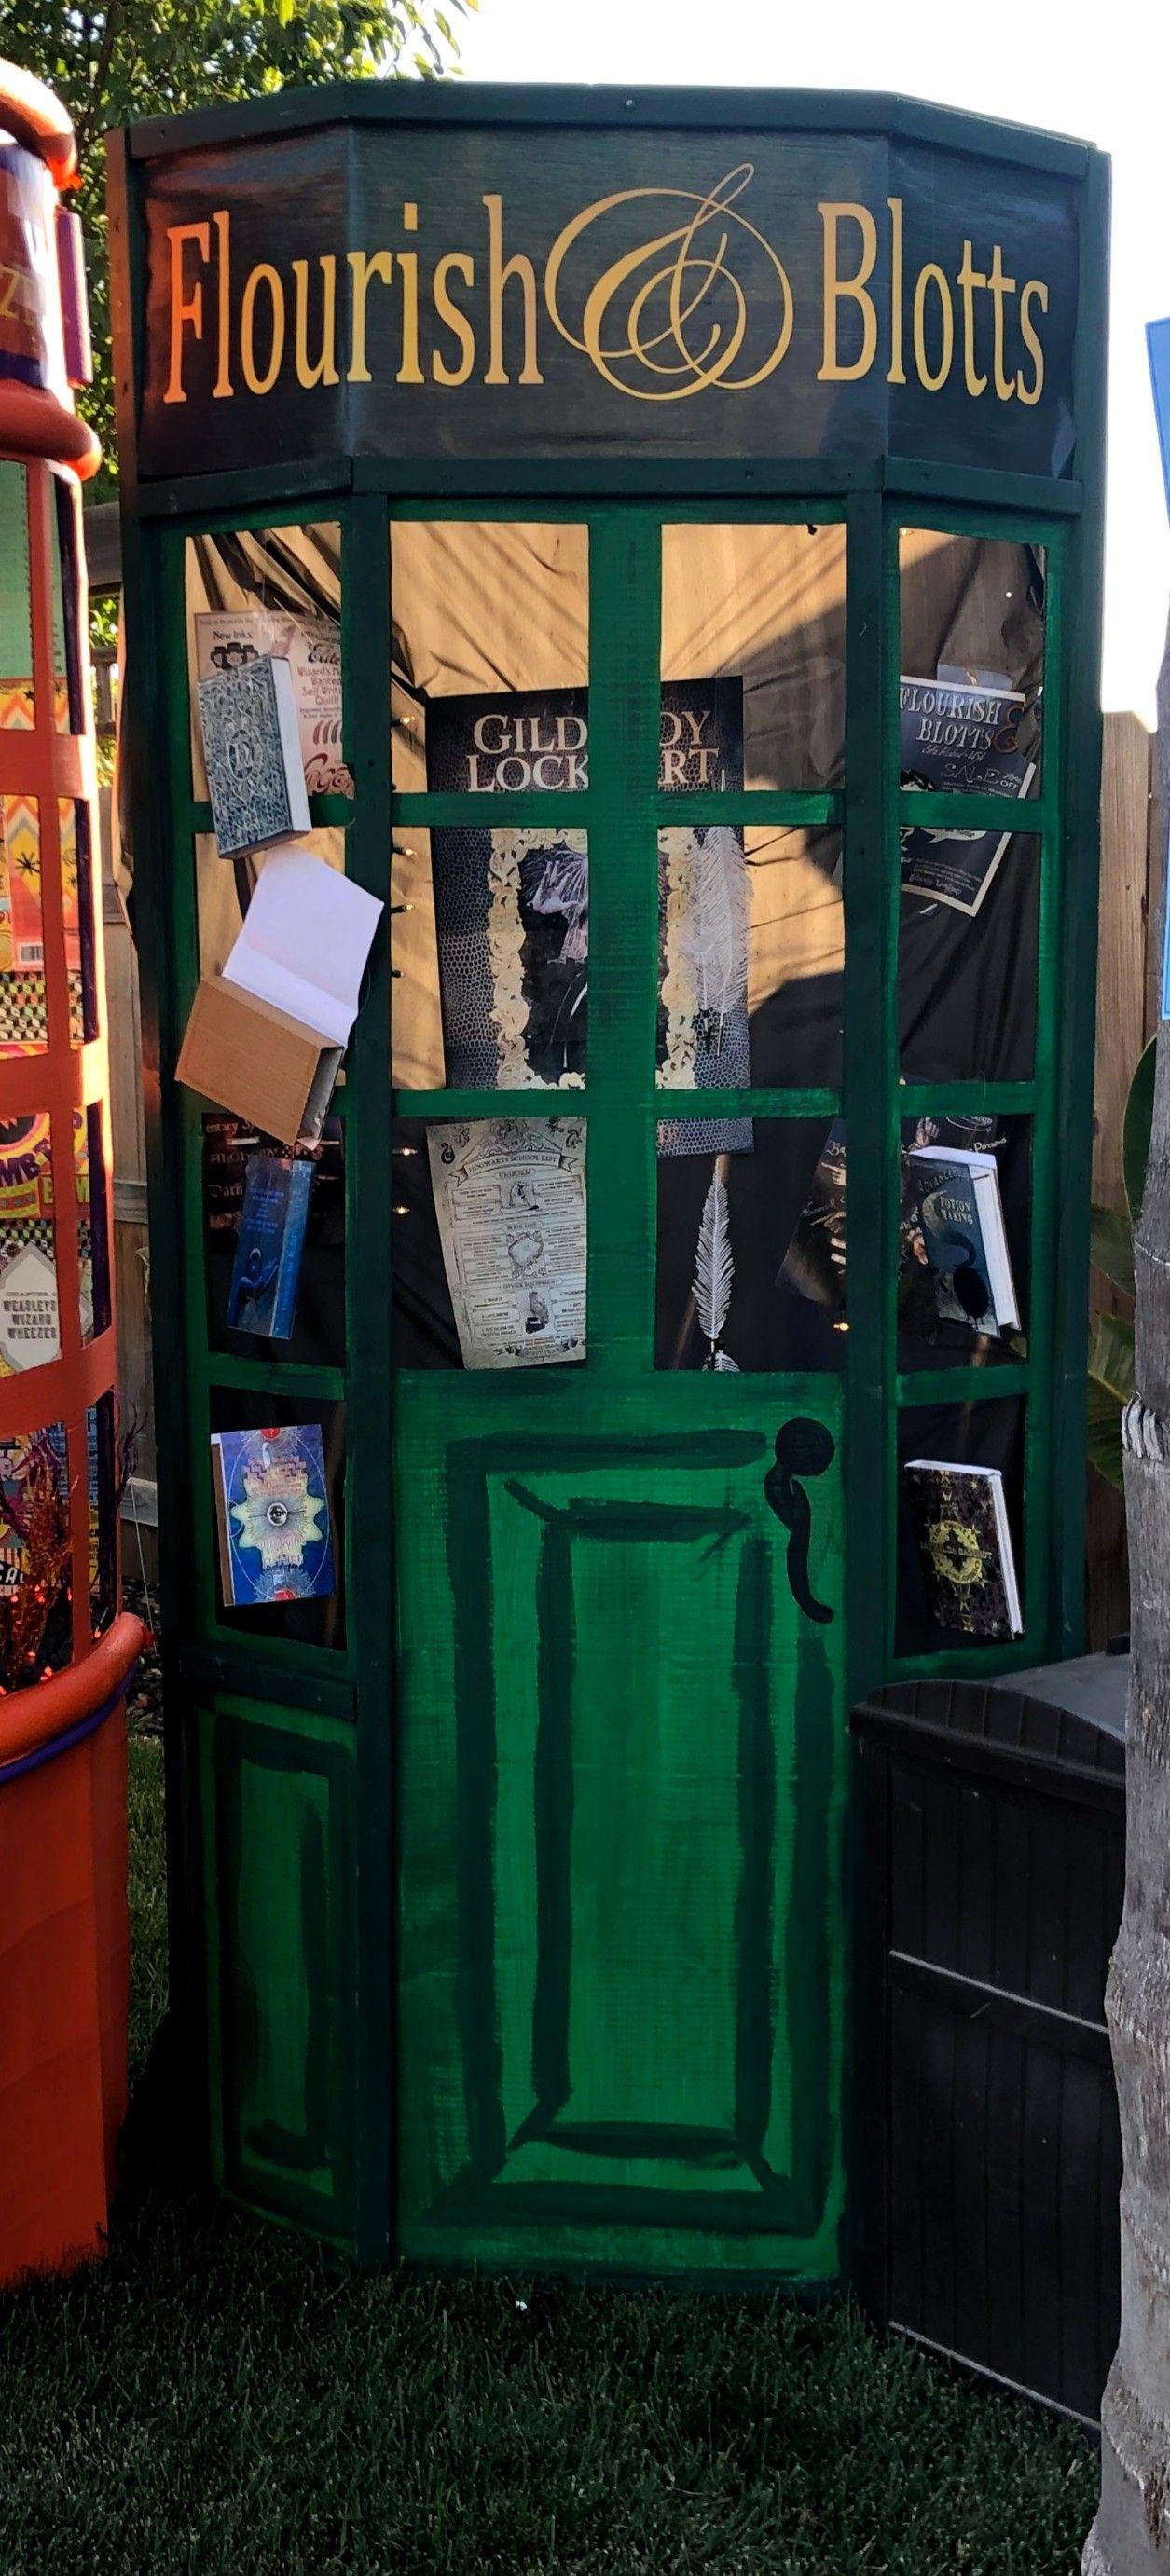 Flourish Blotts At Universal Orlando Harry Potter Universal Studios Harry Potter Universal Universal Studios Orlando